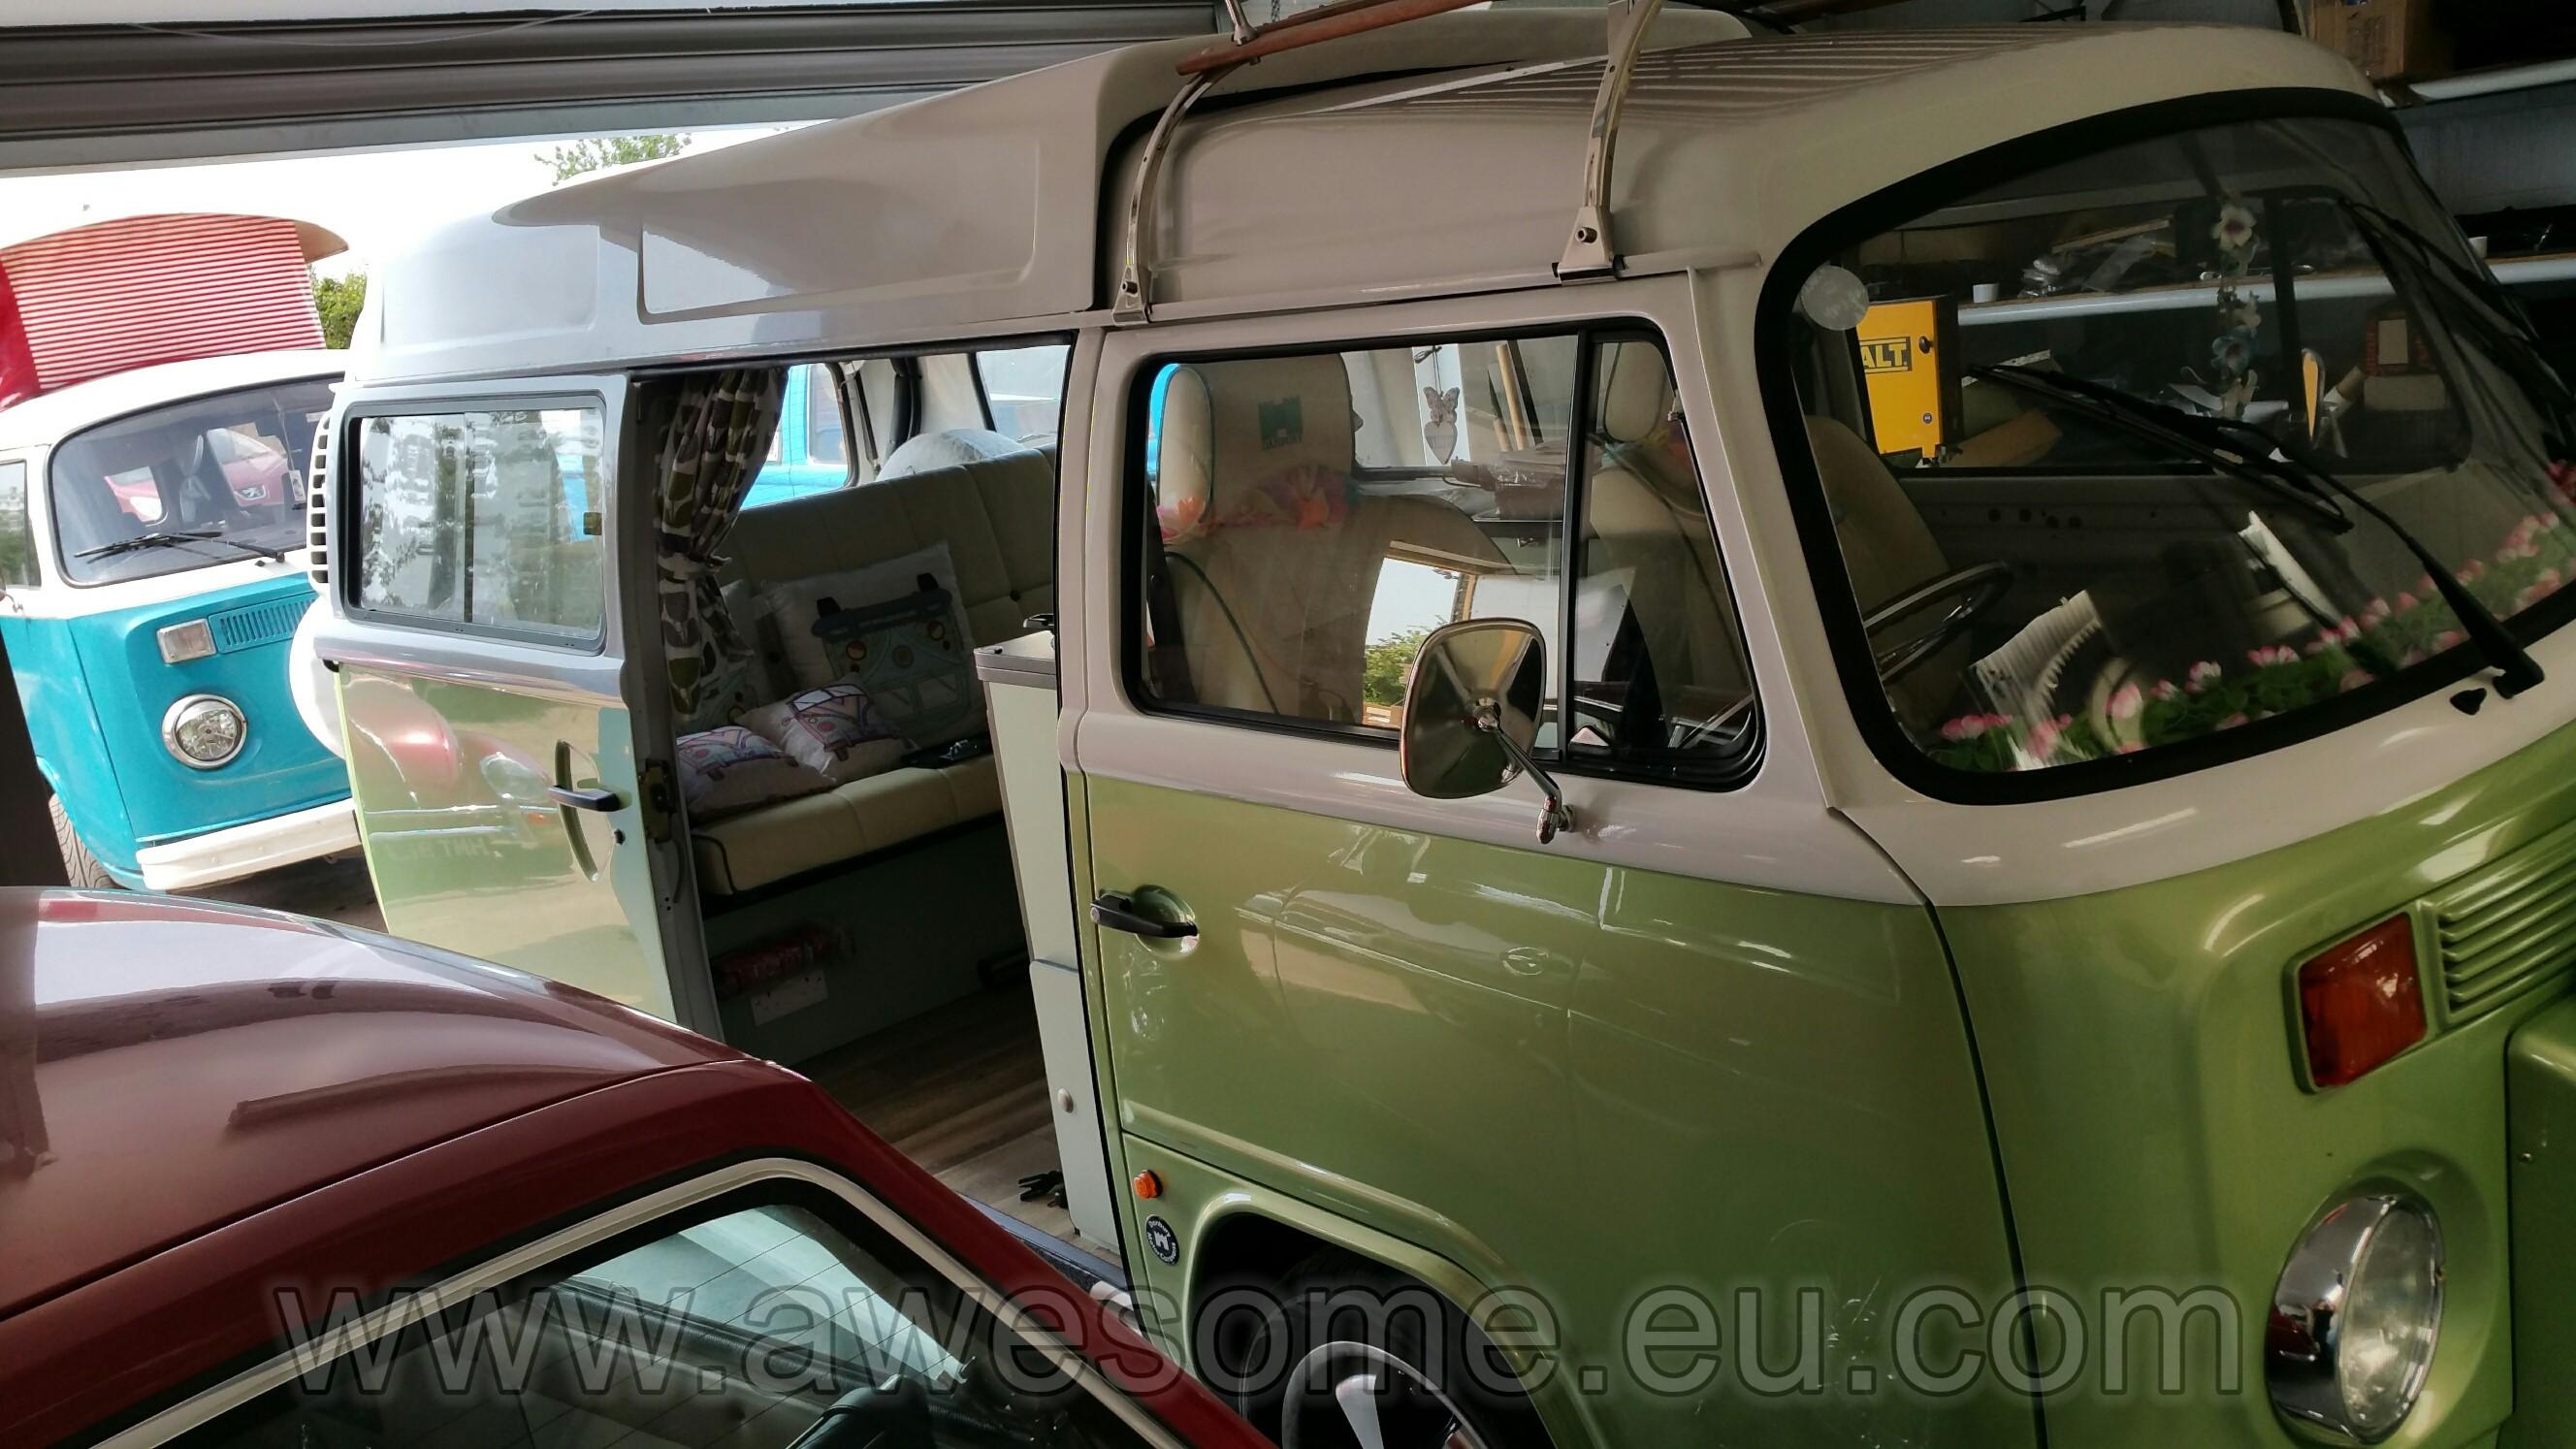 Danbury T2 Campervan cab